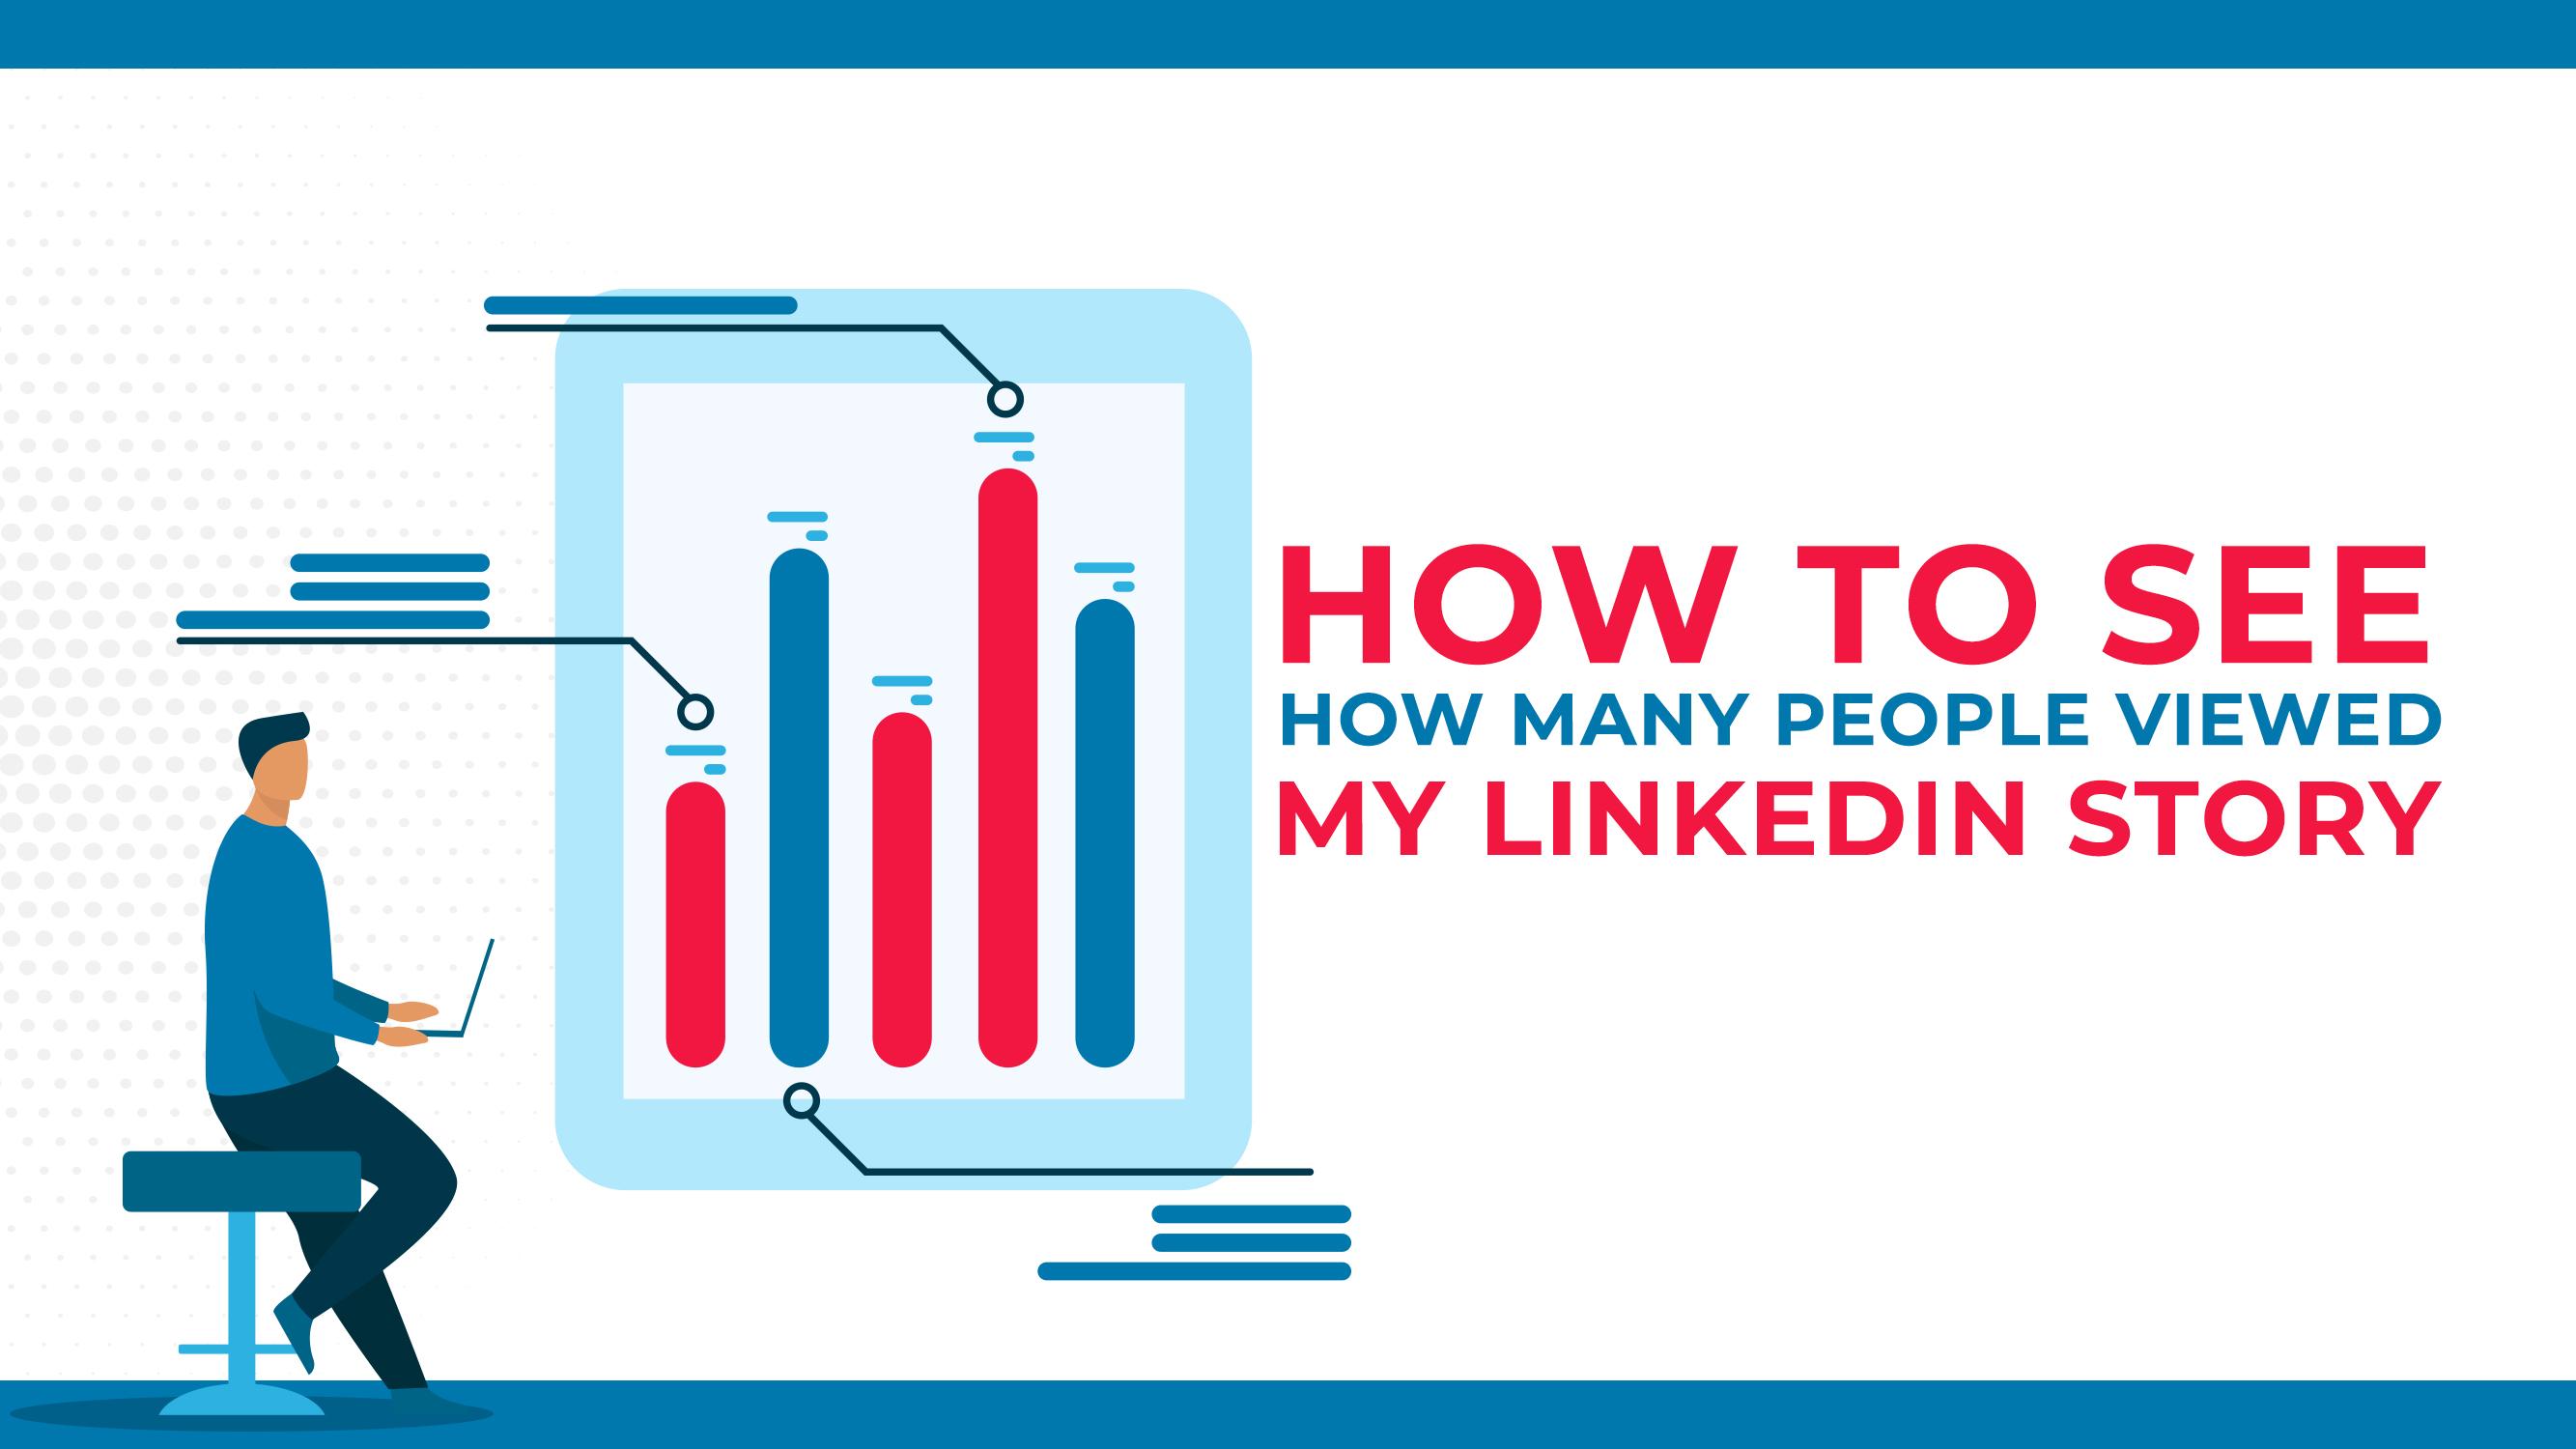 Jak zjistit, kolik lidí si prohlédlo můj příběh na LinkedIn